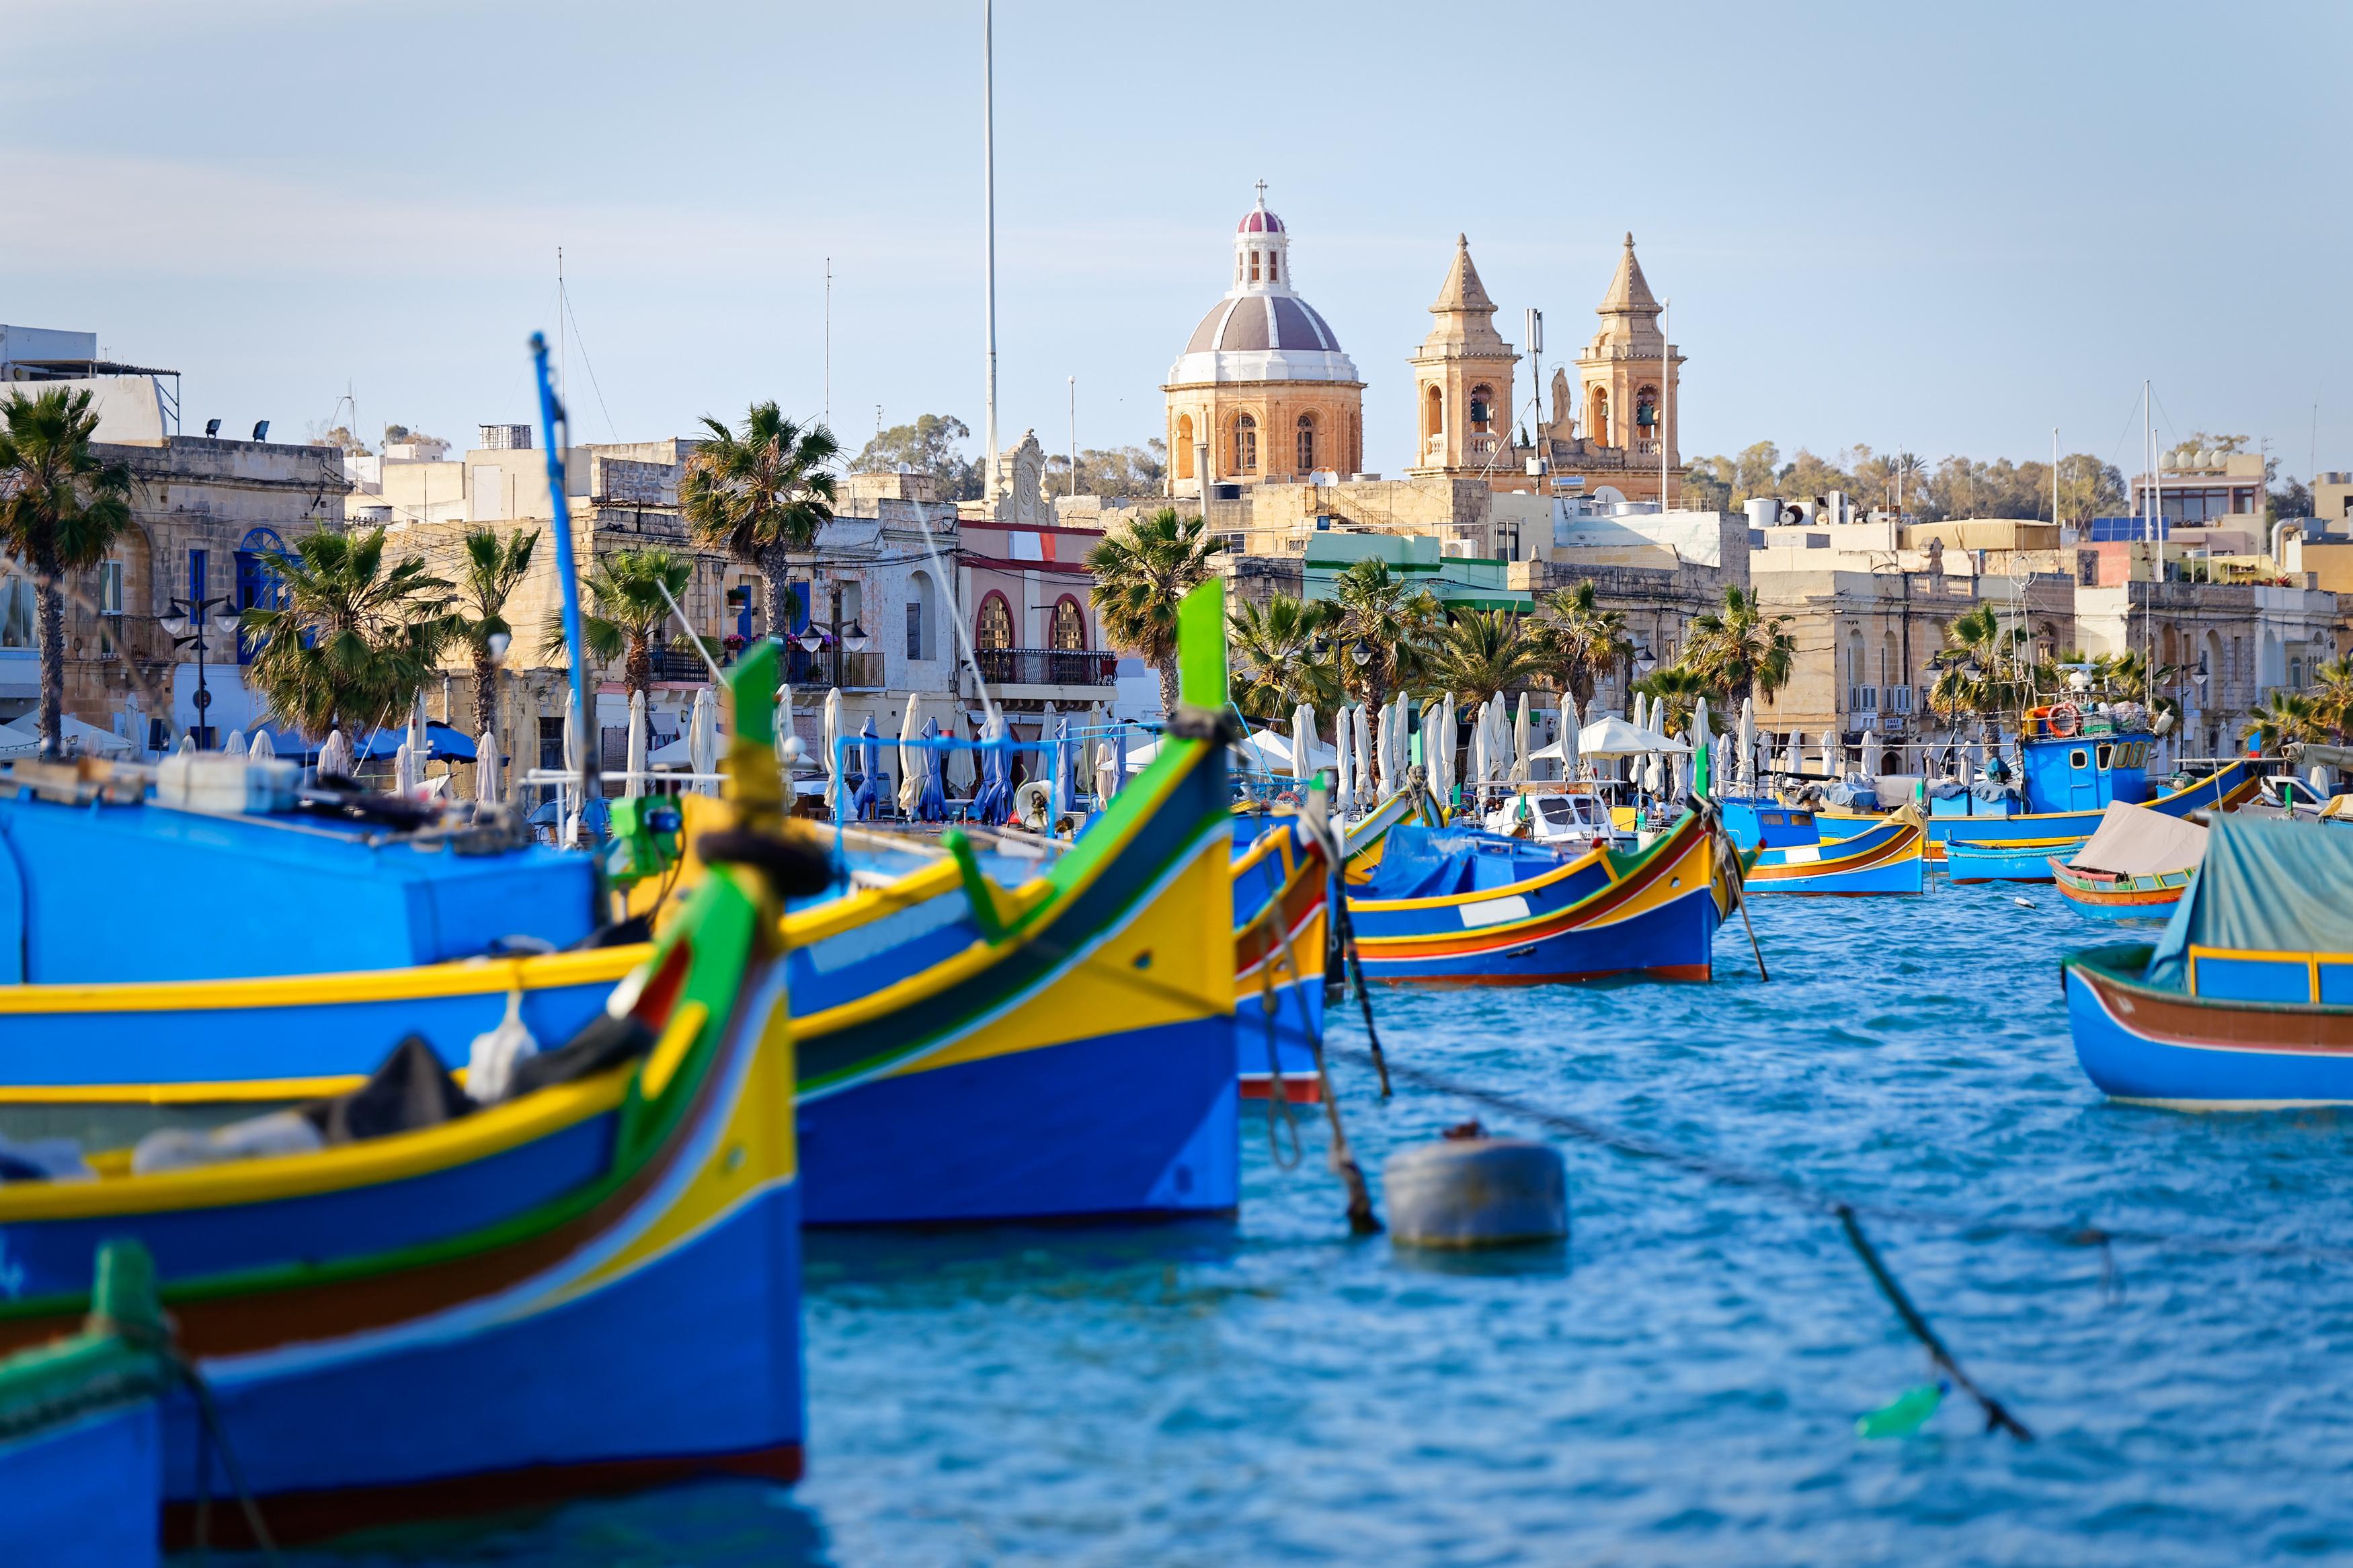 https://assets.eberhardt-travel.de/2018/Malta/56371_Hafen_von_Malta_Original.jpg